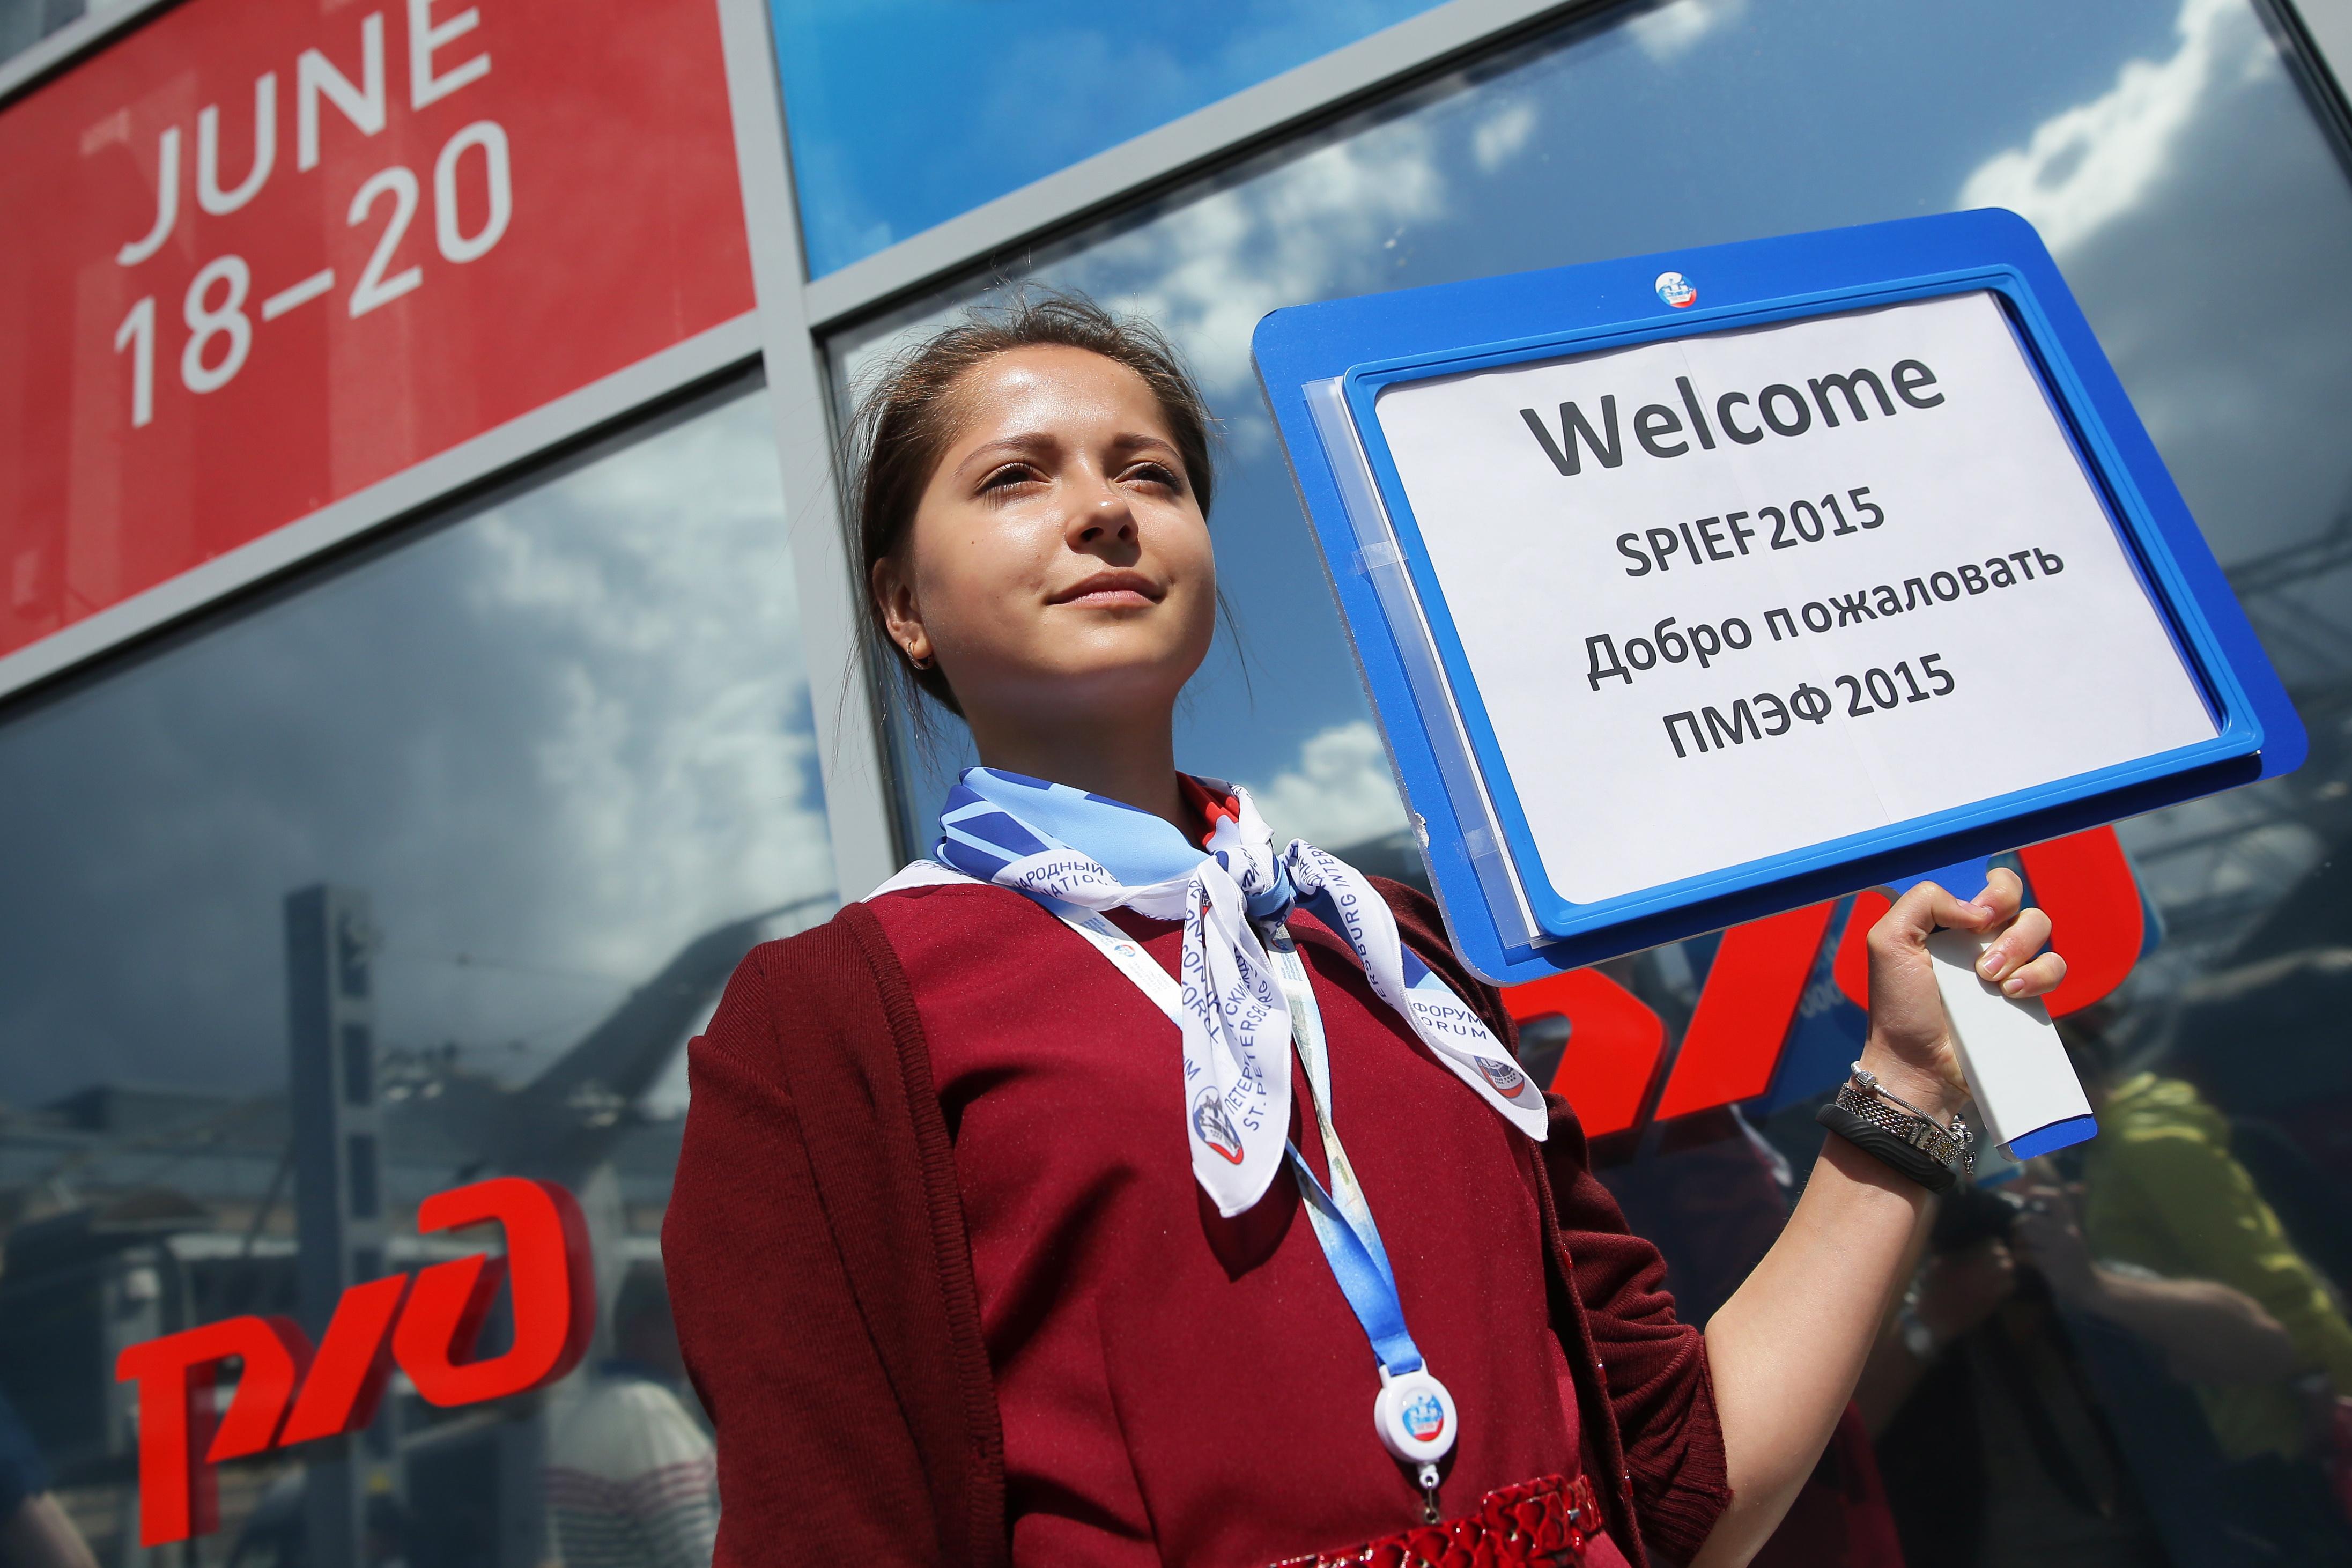 Към 8 юни своето участие във форума вече бяха потвърдили около 1000 компании, от които 440 чуждестранни. Броят им надвишава броя на участниците в миналия форум през 2014 г.